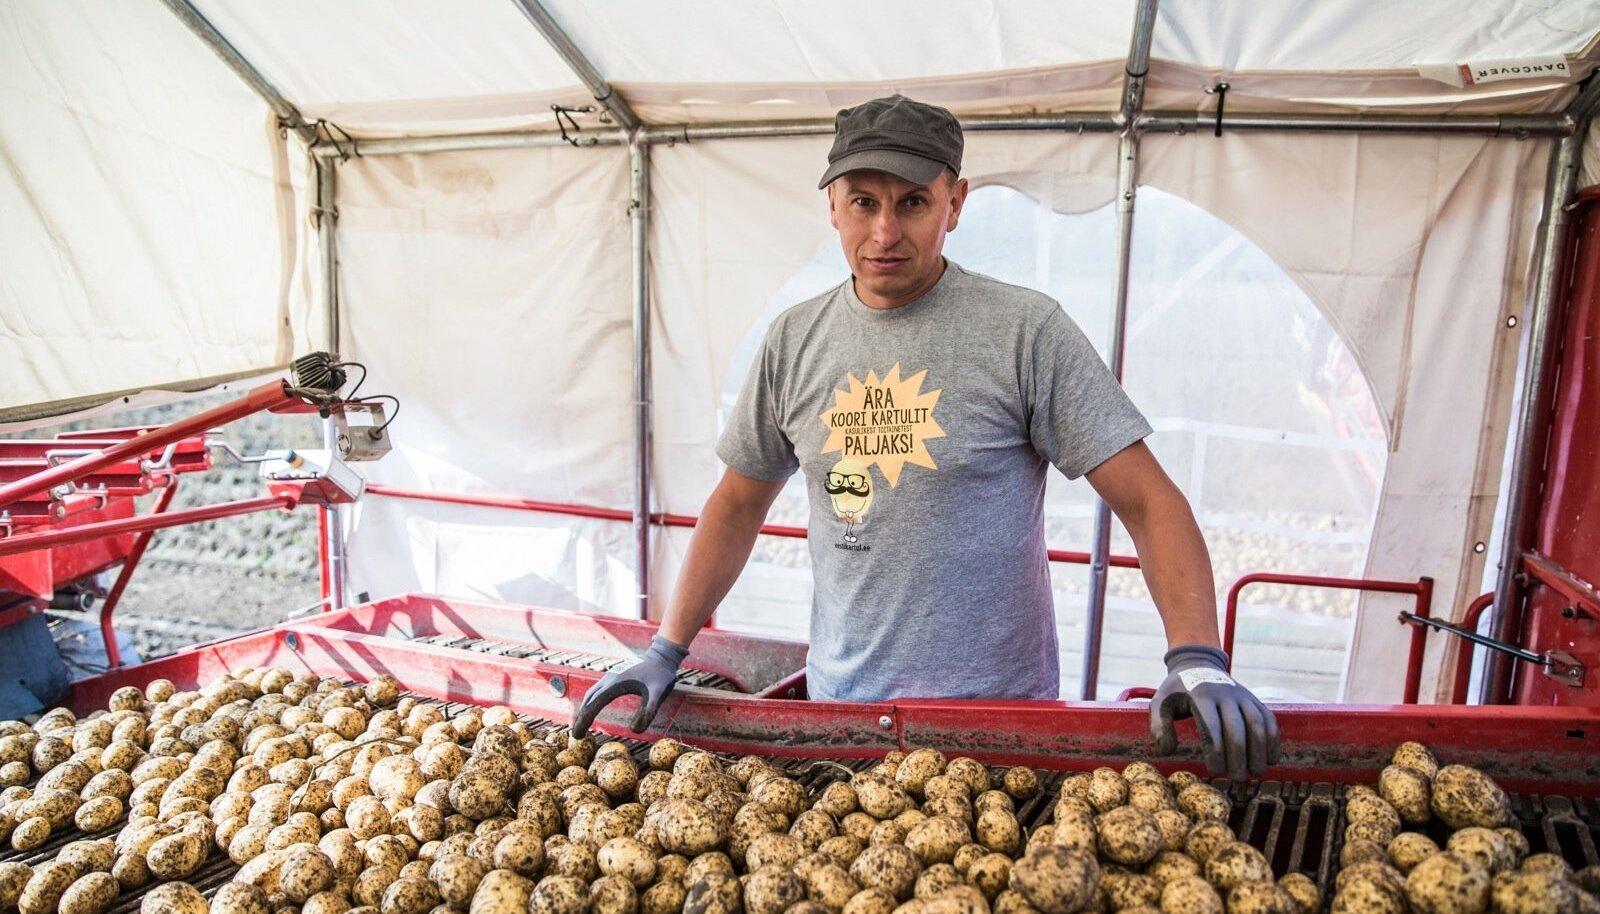 Janek Lass kartulikombaini lindi taga, kui käib sordi 'Gala' võtmine.